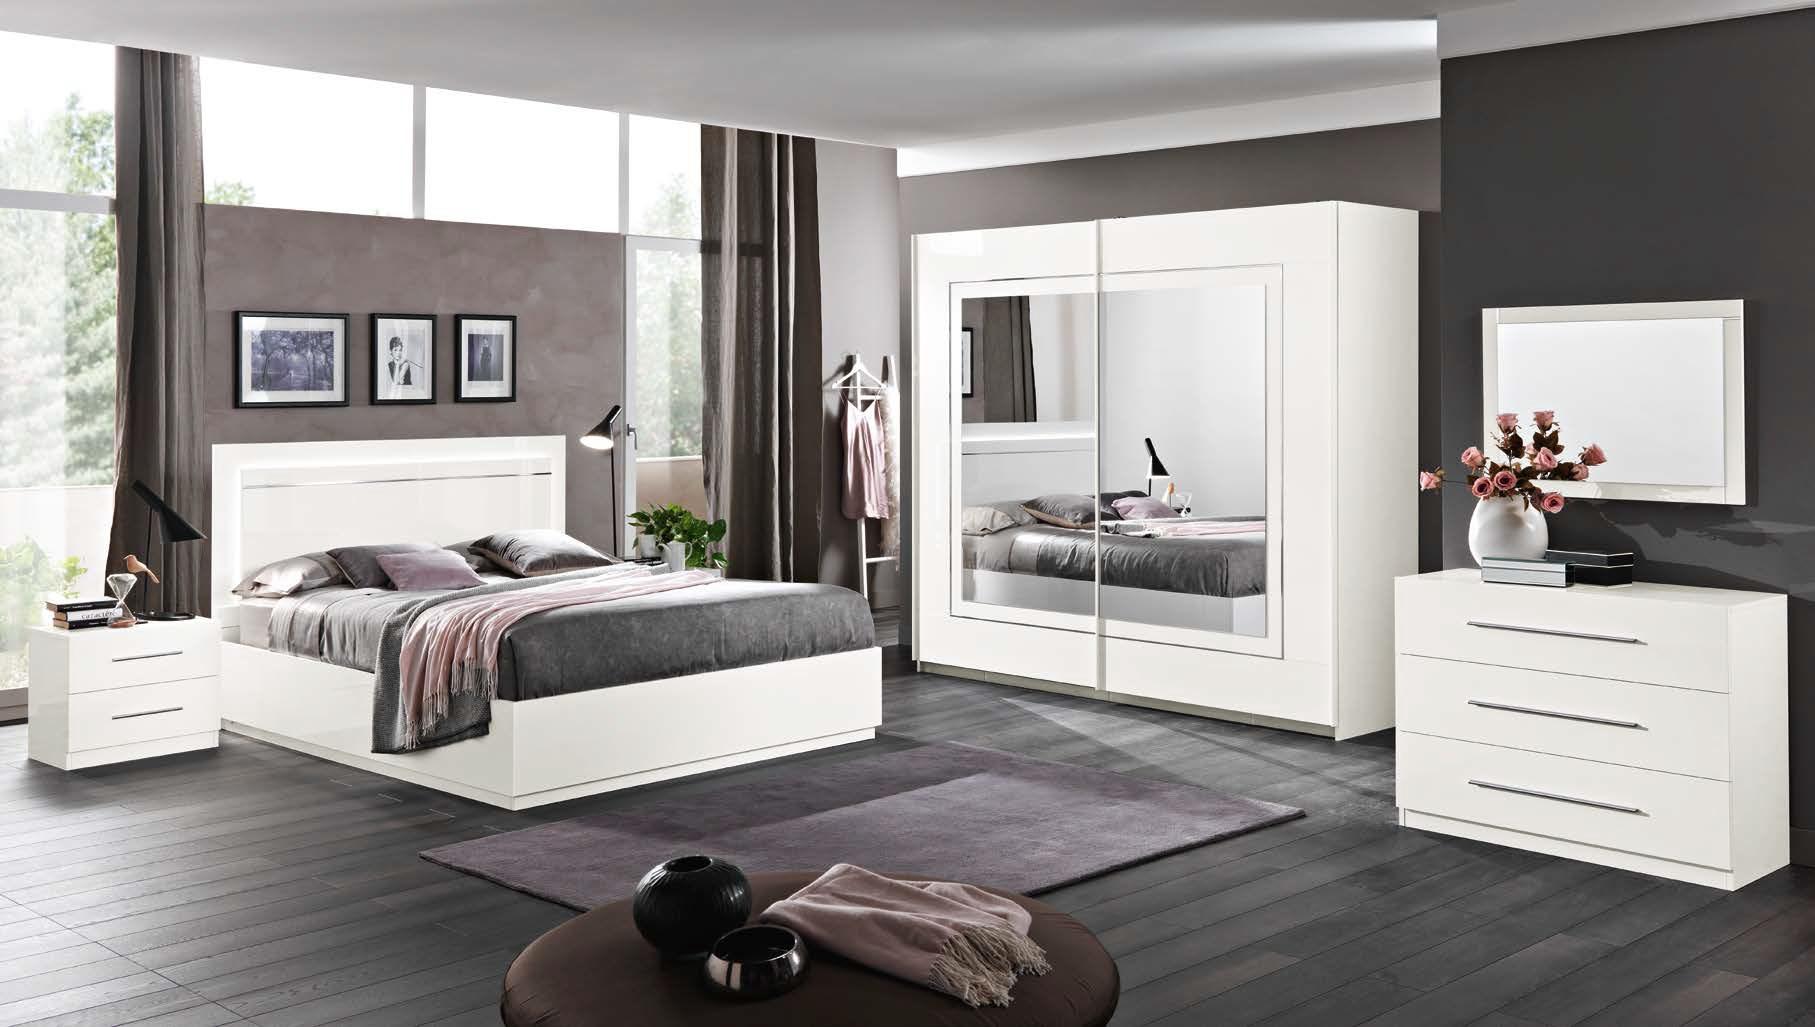 Mobilificio lm arredamento soggiorni e camere da letto for Mobilifici pesaro